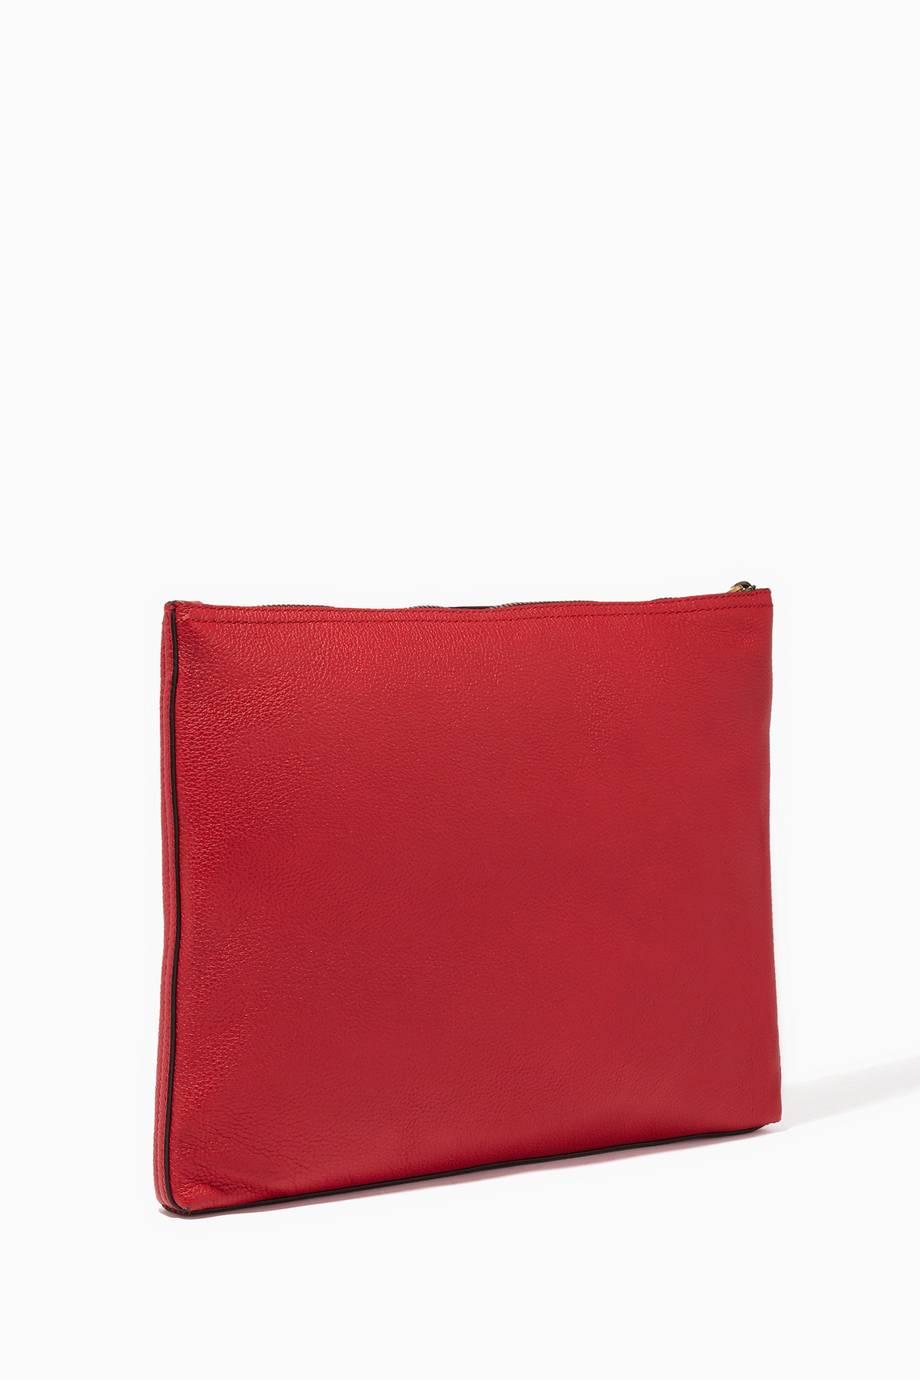 Shop Luxury Gucci Red Leather Medium Printed Portfolio clutch ... 8fb68d0f37c02